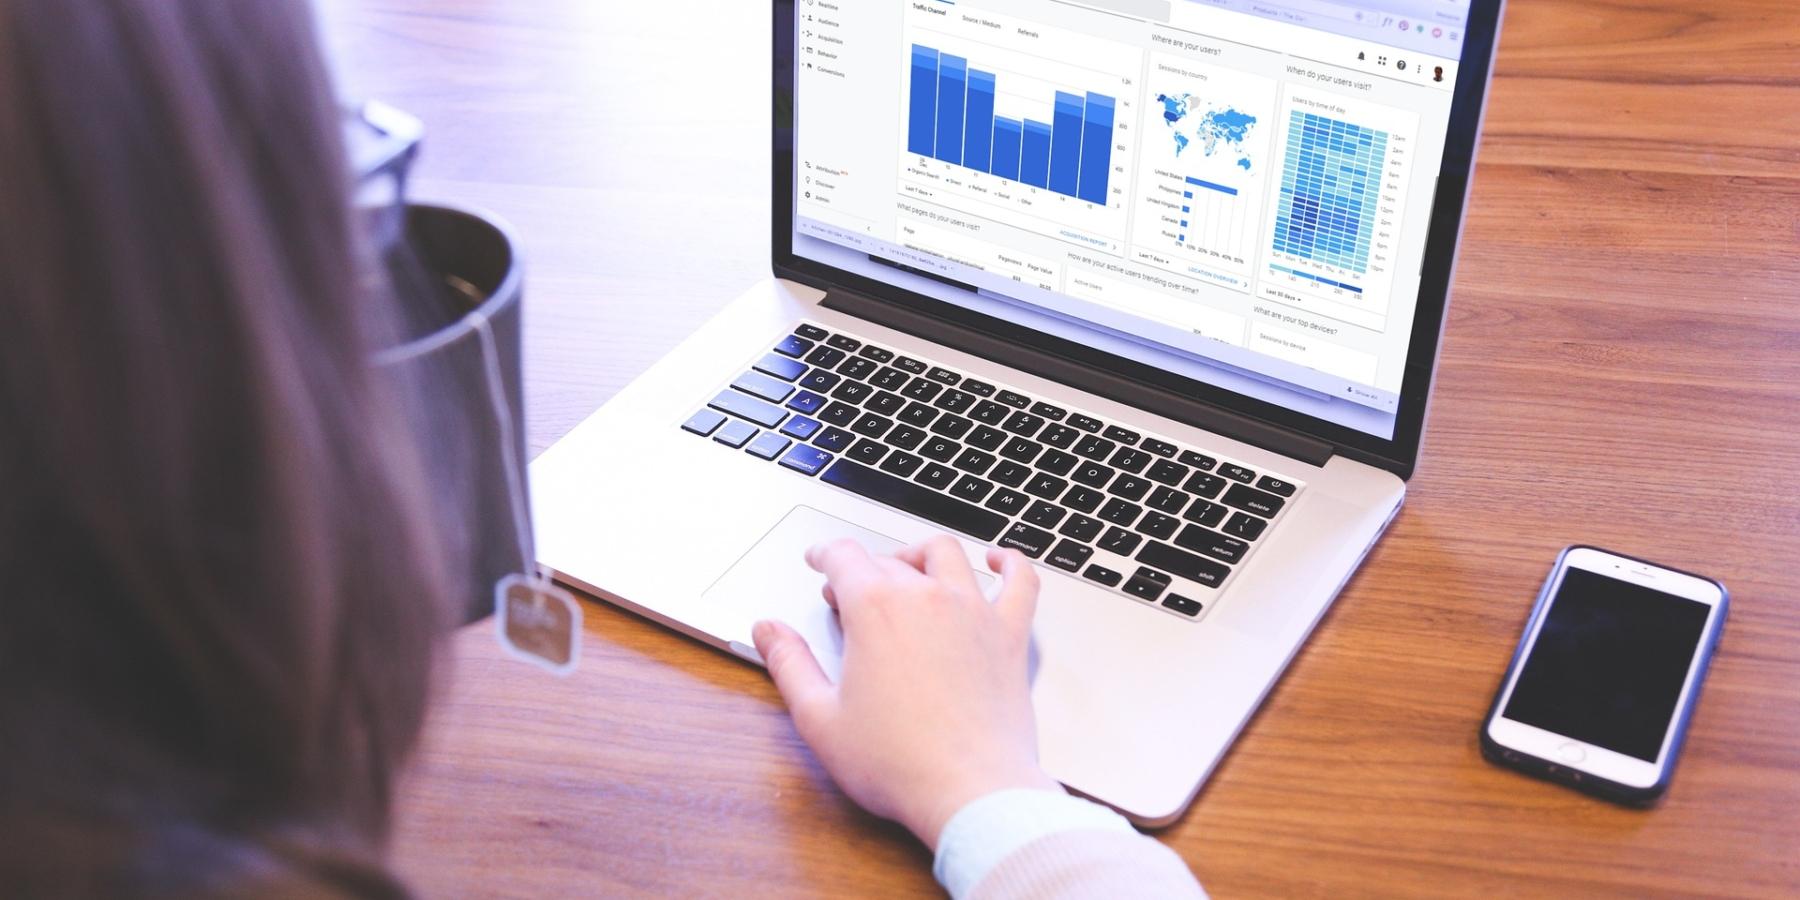 Lista TOP 500 sklepów wGoogle. Znamy liderów branży e-commerce wPolsce. Nowe badanie pokazuje, kto rządzi wSEO